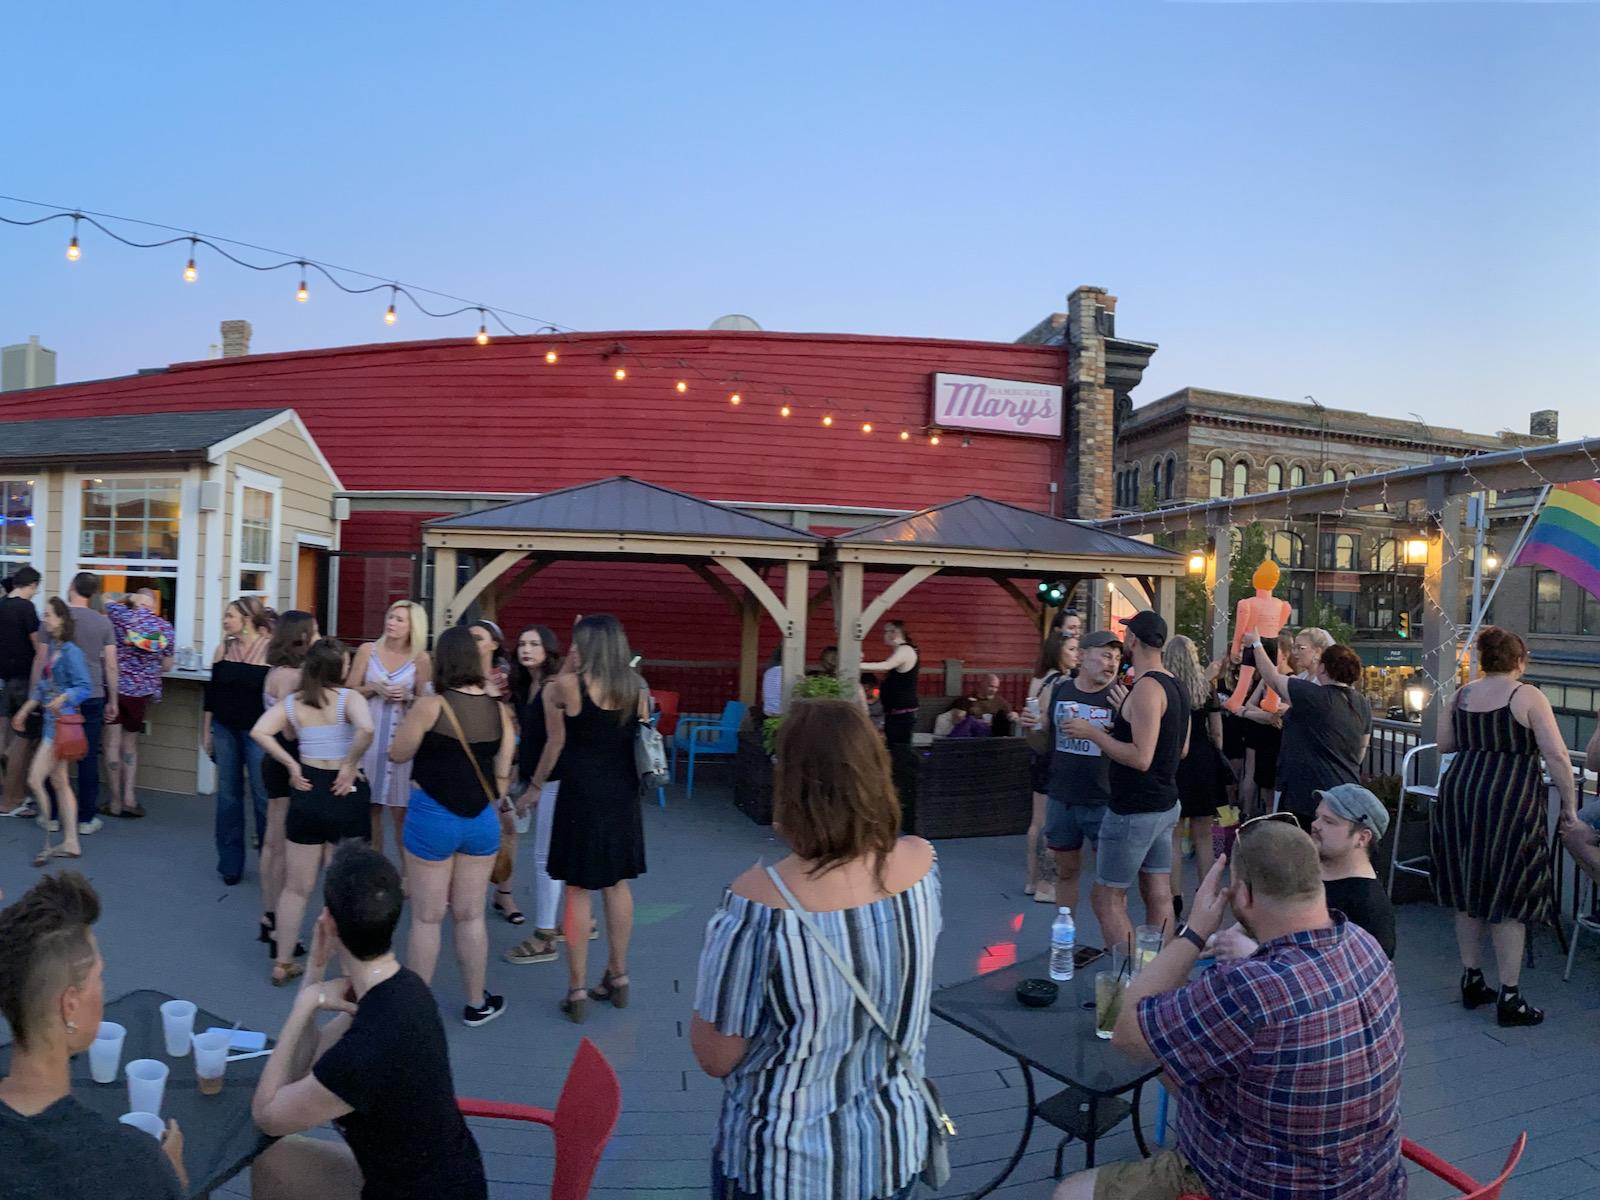 Hamburger Mary's rooftop patio